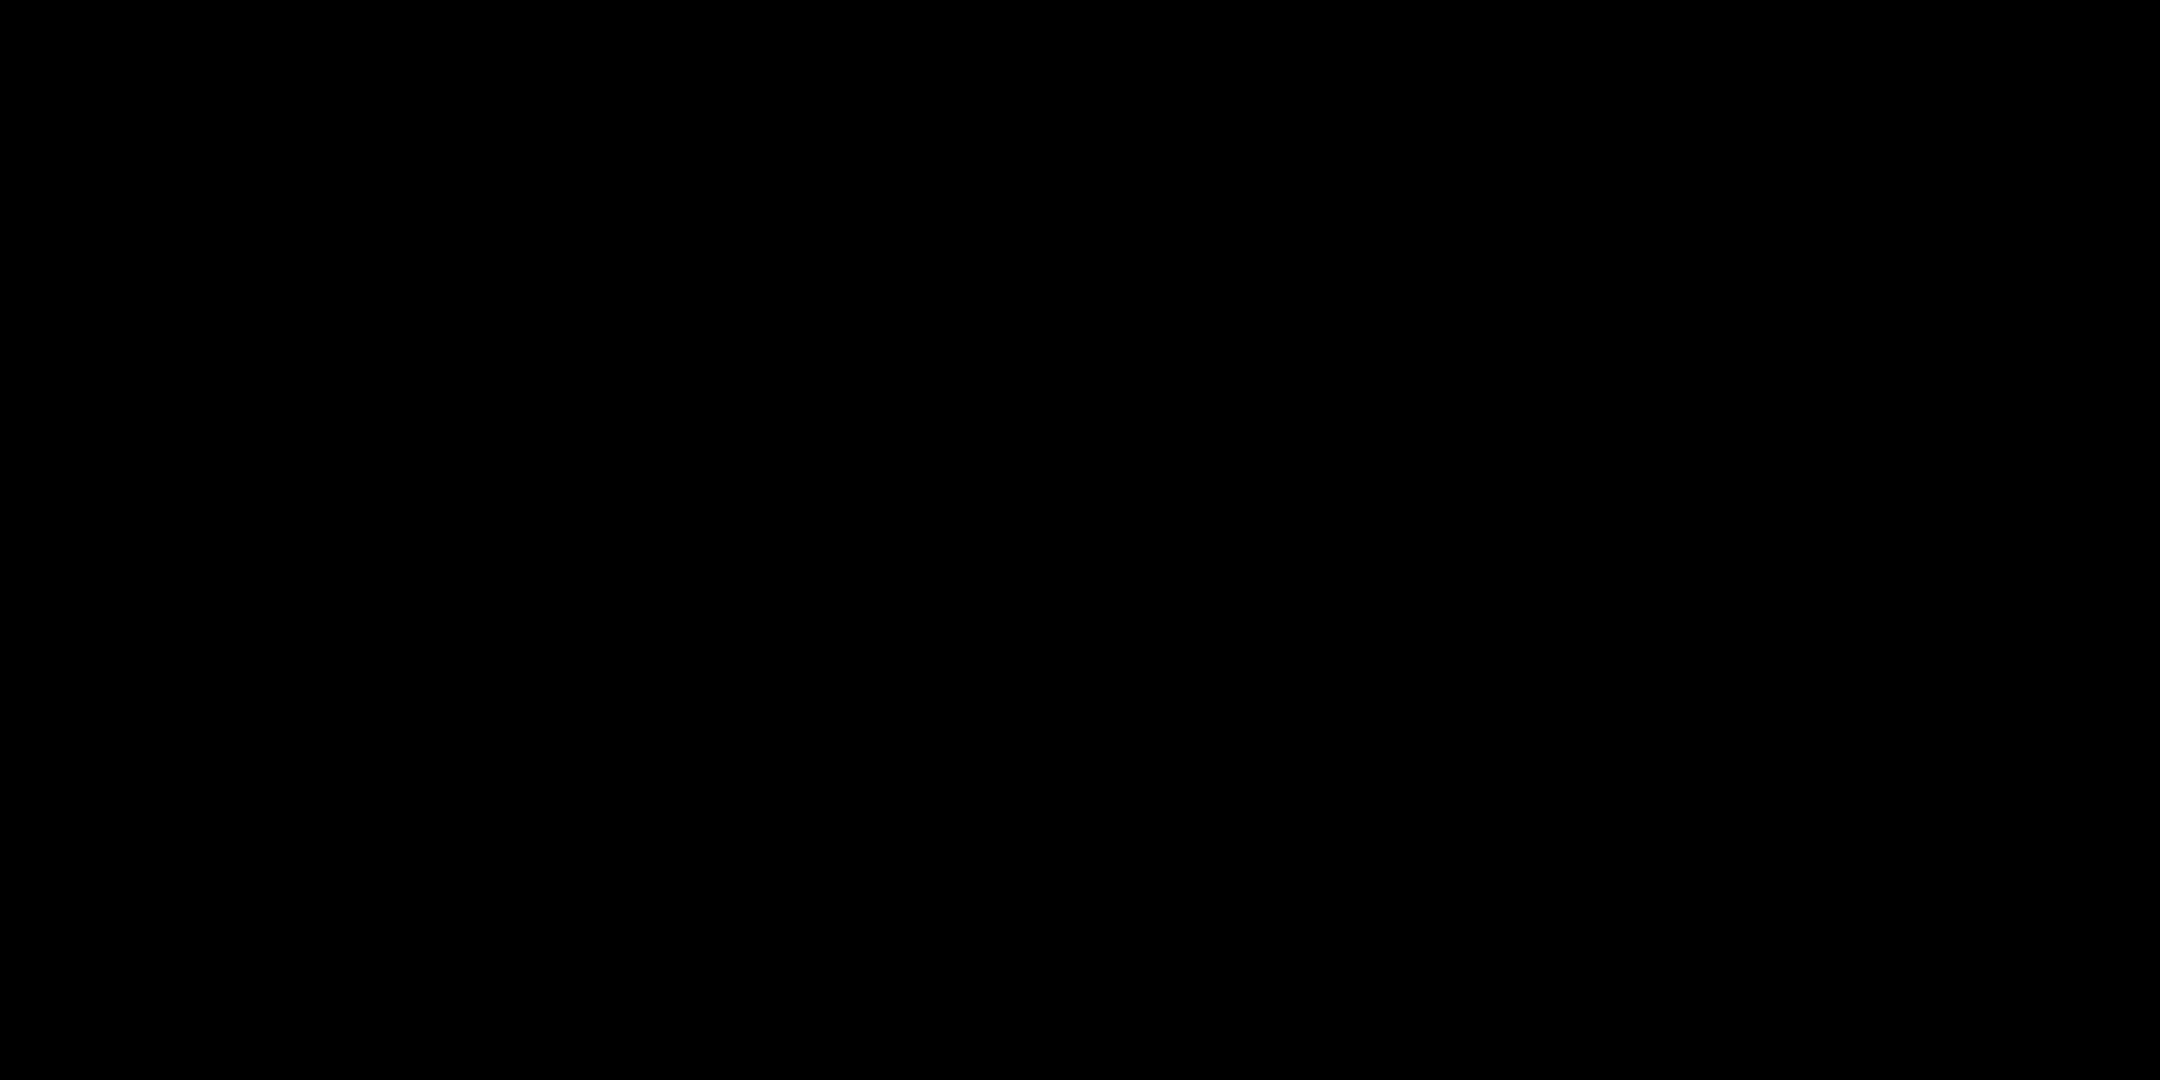 Feszty-körkép tripla